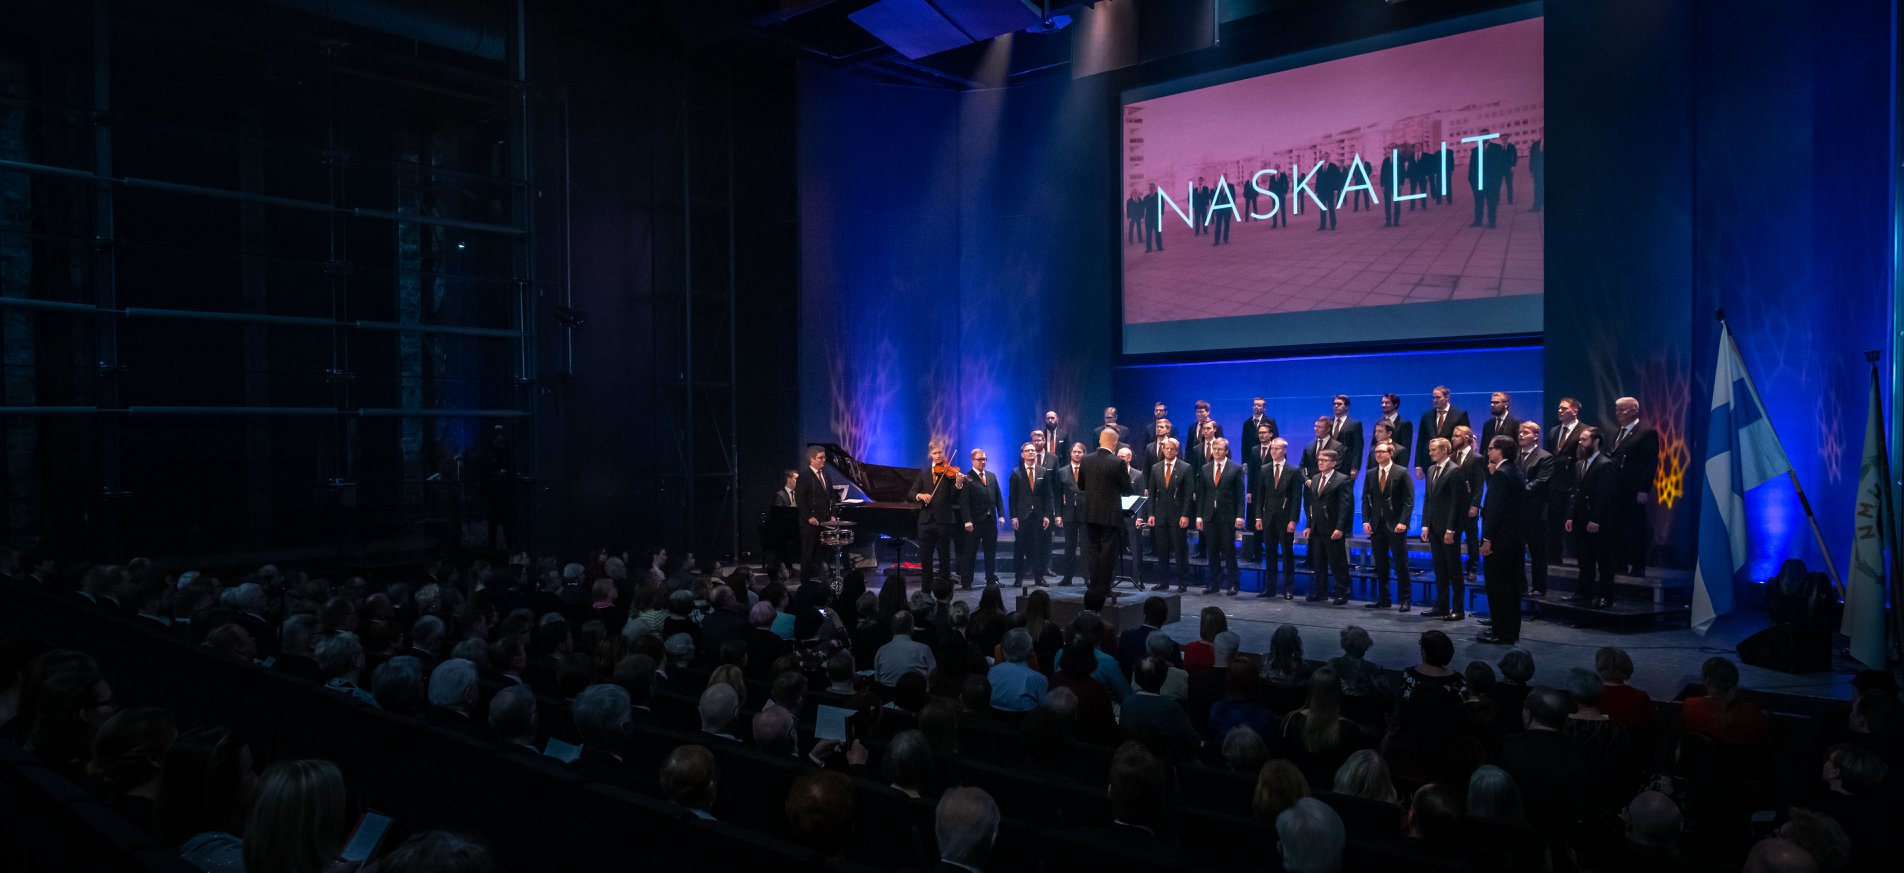 Konsertin ensimmäisen jakson päätti Kaj Chydeniuksen säveltämä Viimeisestä Illasta -tango, jossa rakkautta etsitään kahden tanssilavan luona. Kuva: Tuomas Kourula